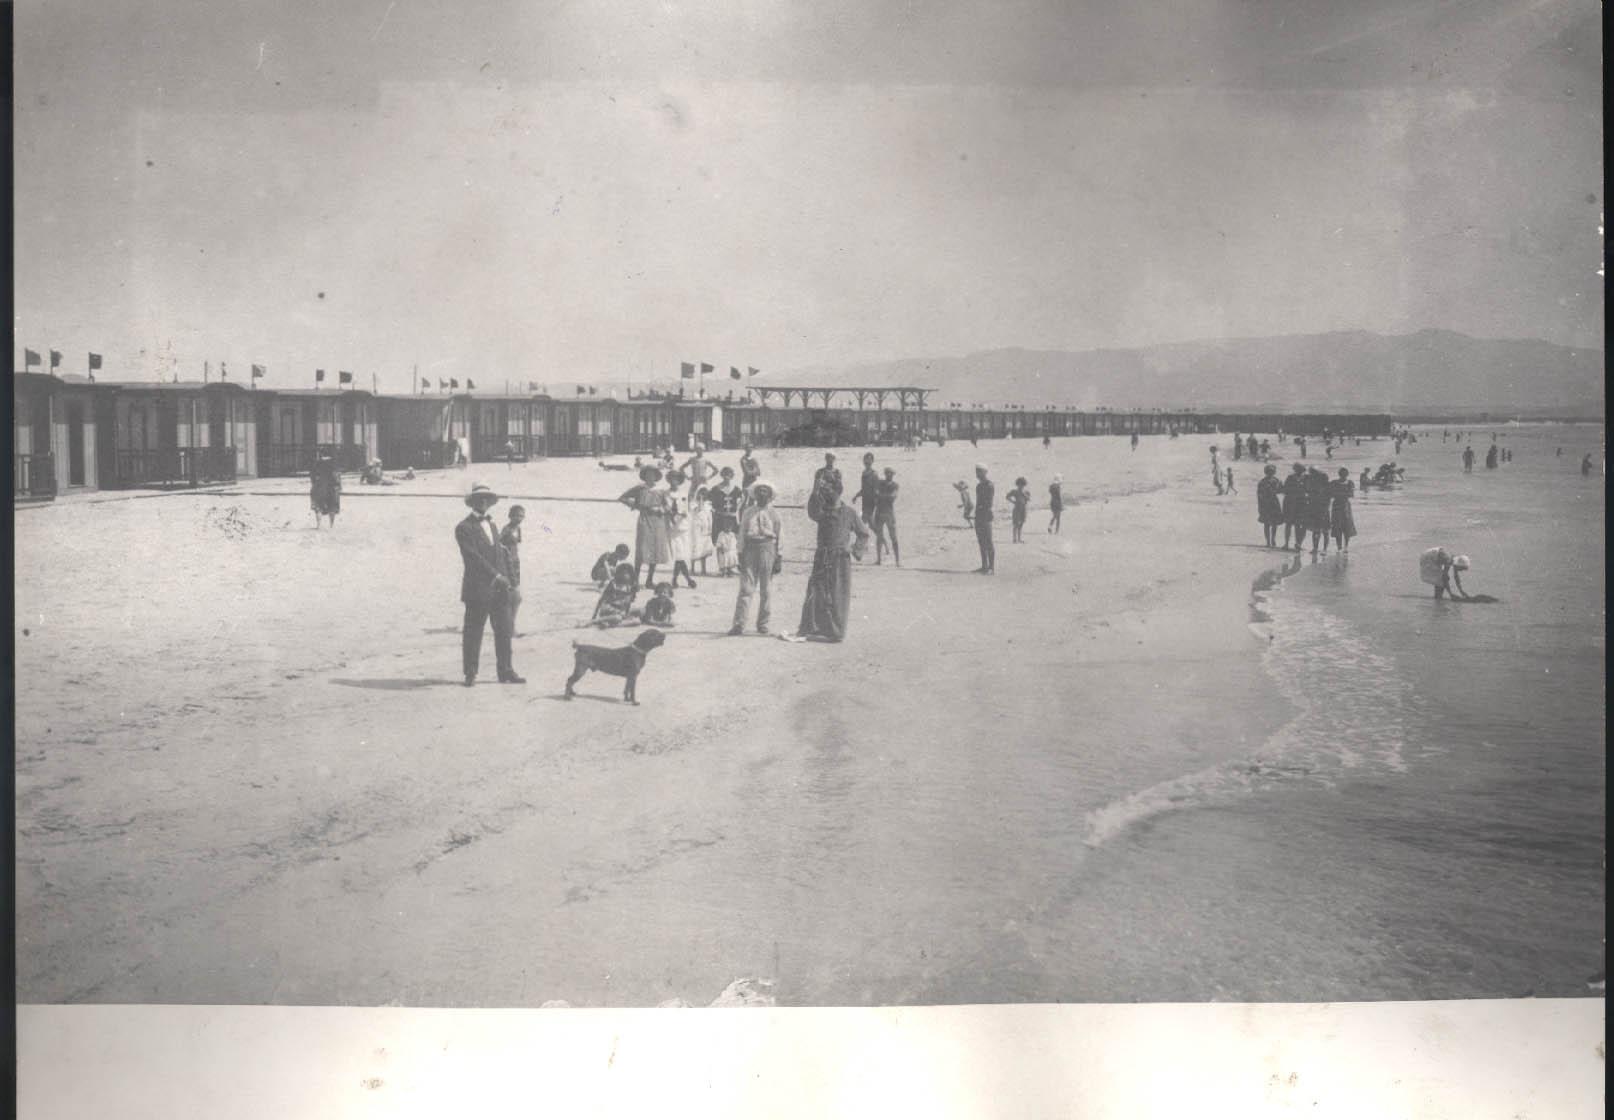 Archivio Comunale - 1920 - Topografia_jpg_foto 0031